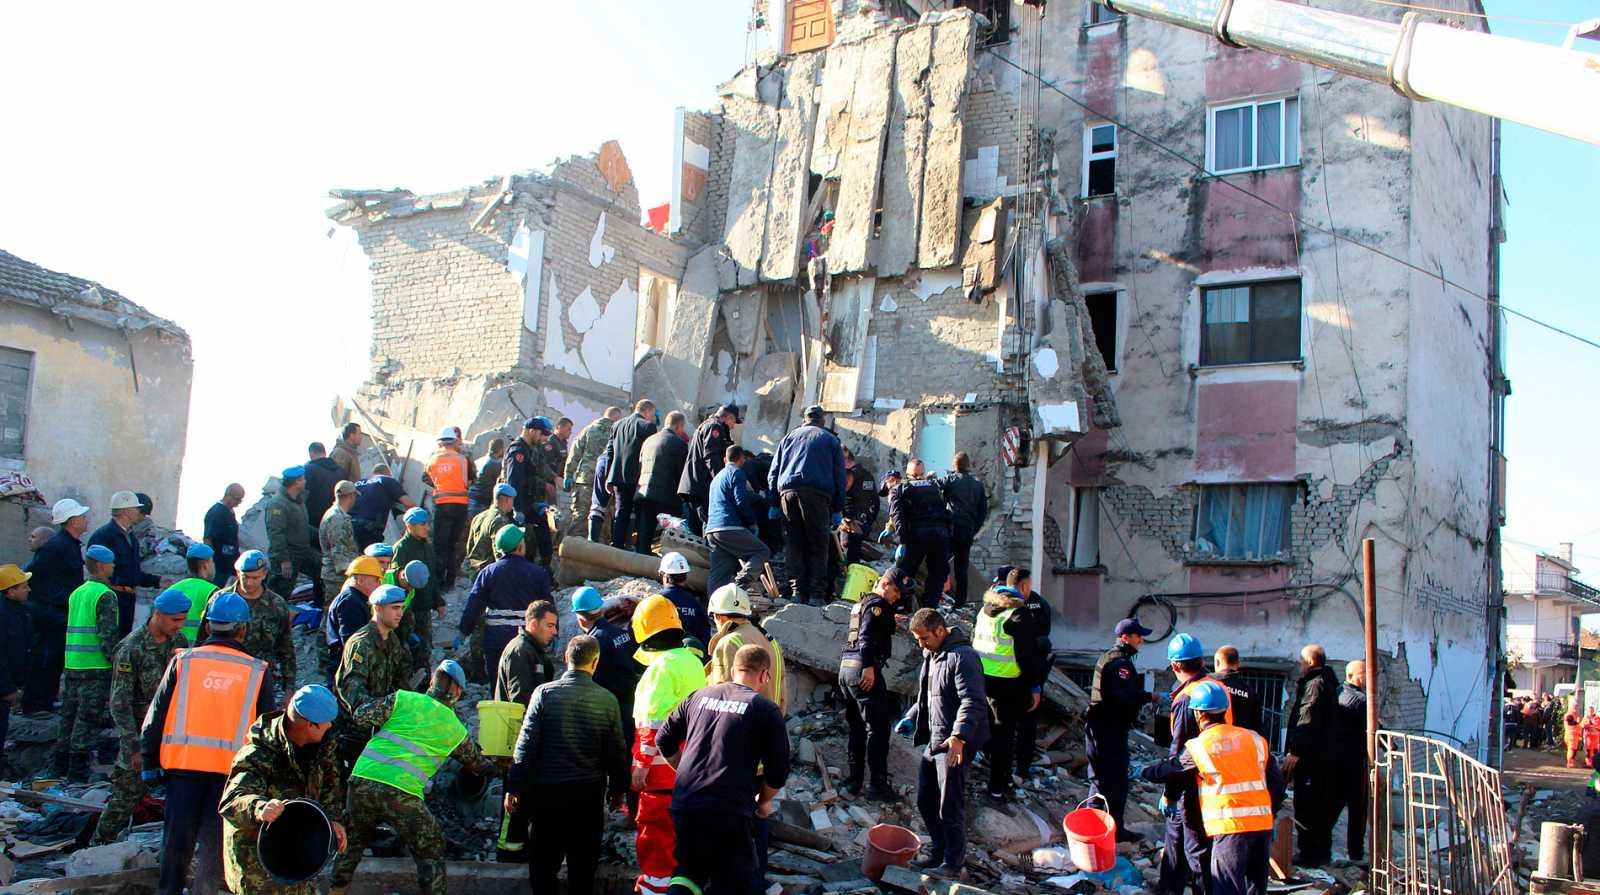 Un terremoto de magnitud 6,4 deja más de 15 muertos y 600 heridos en Albania